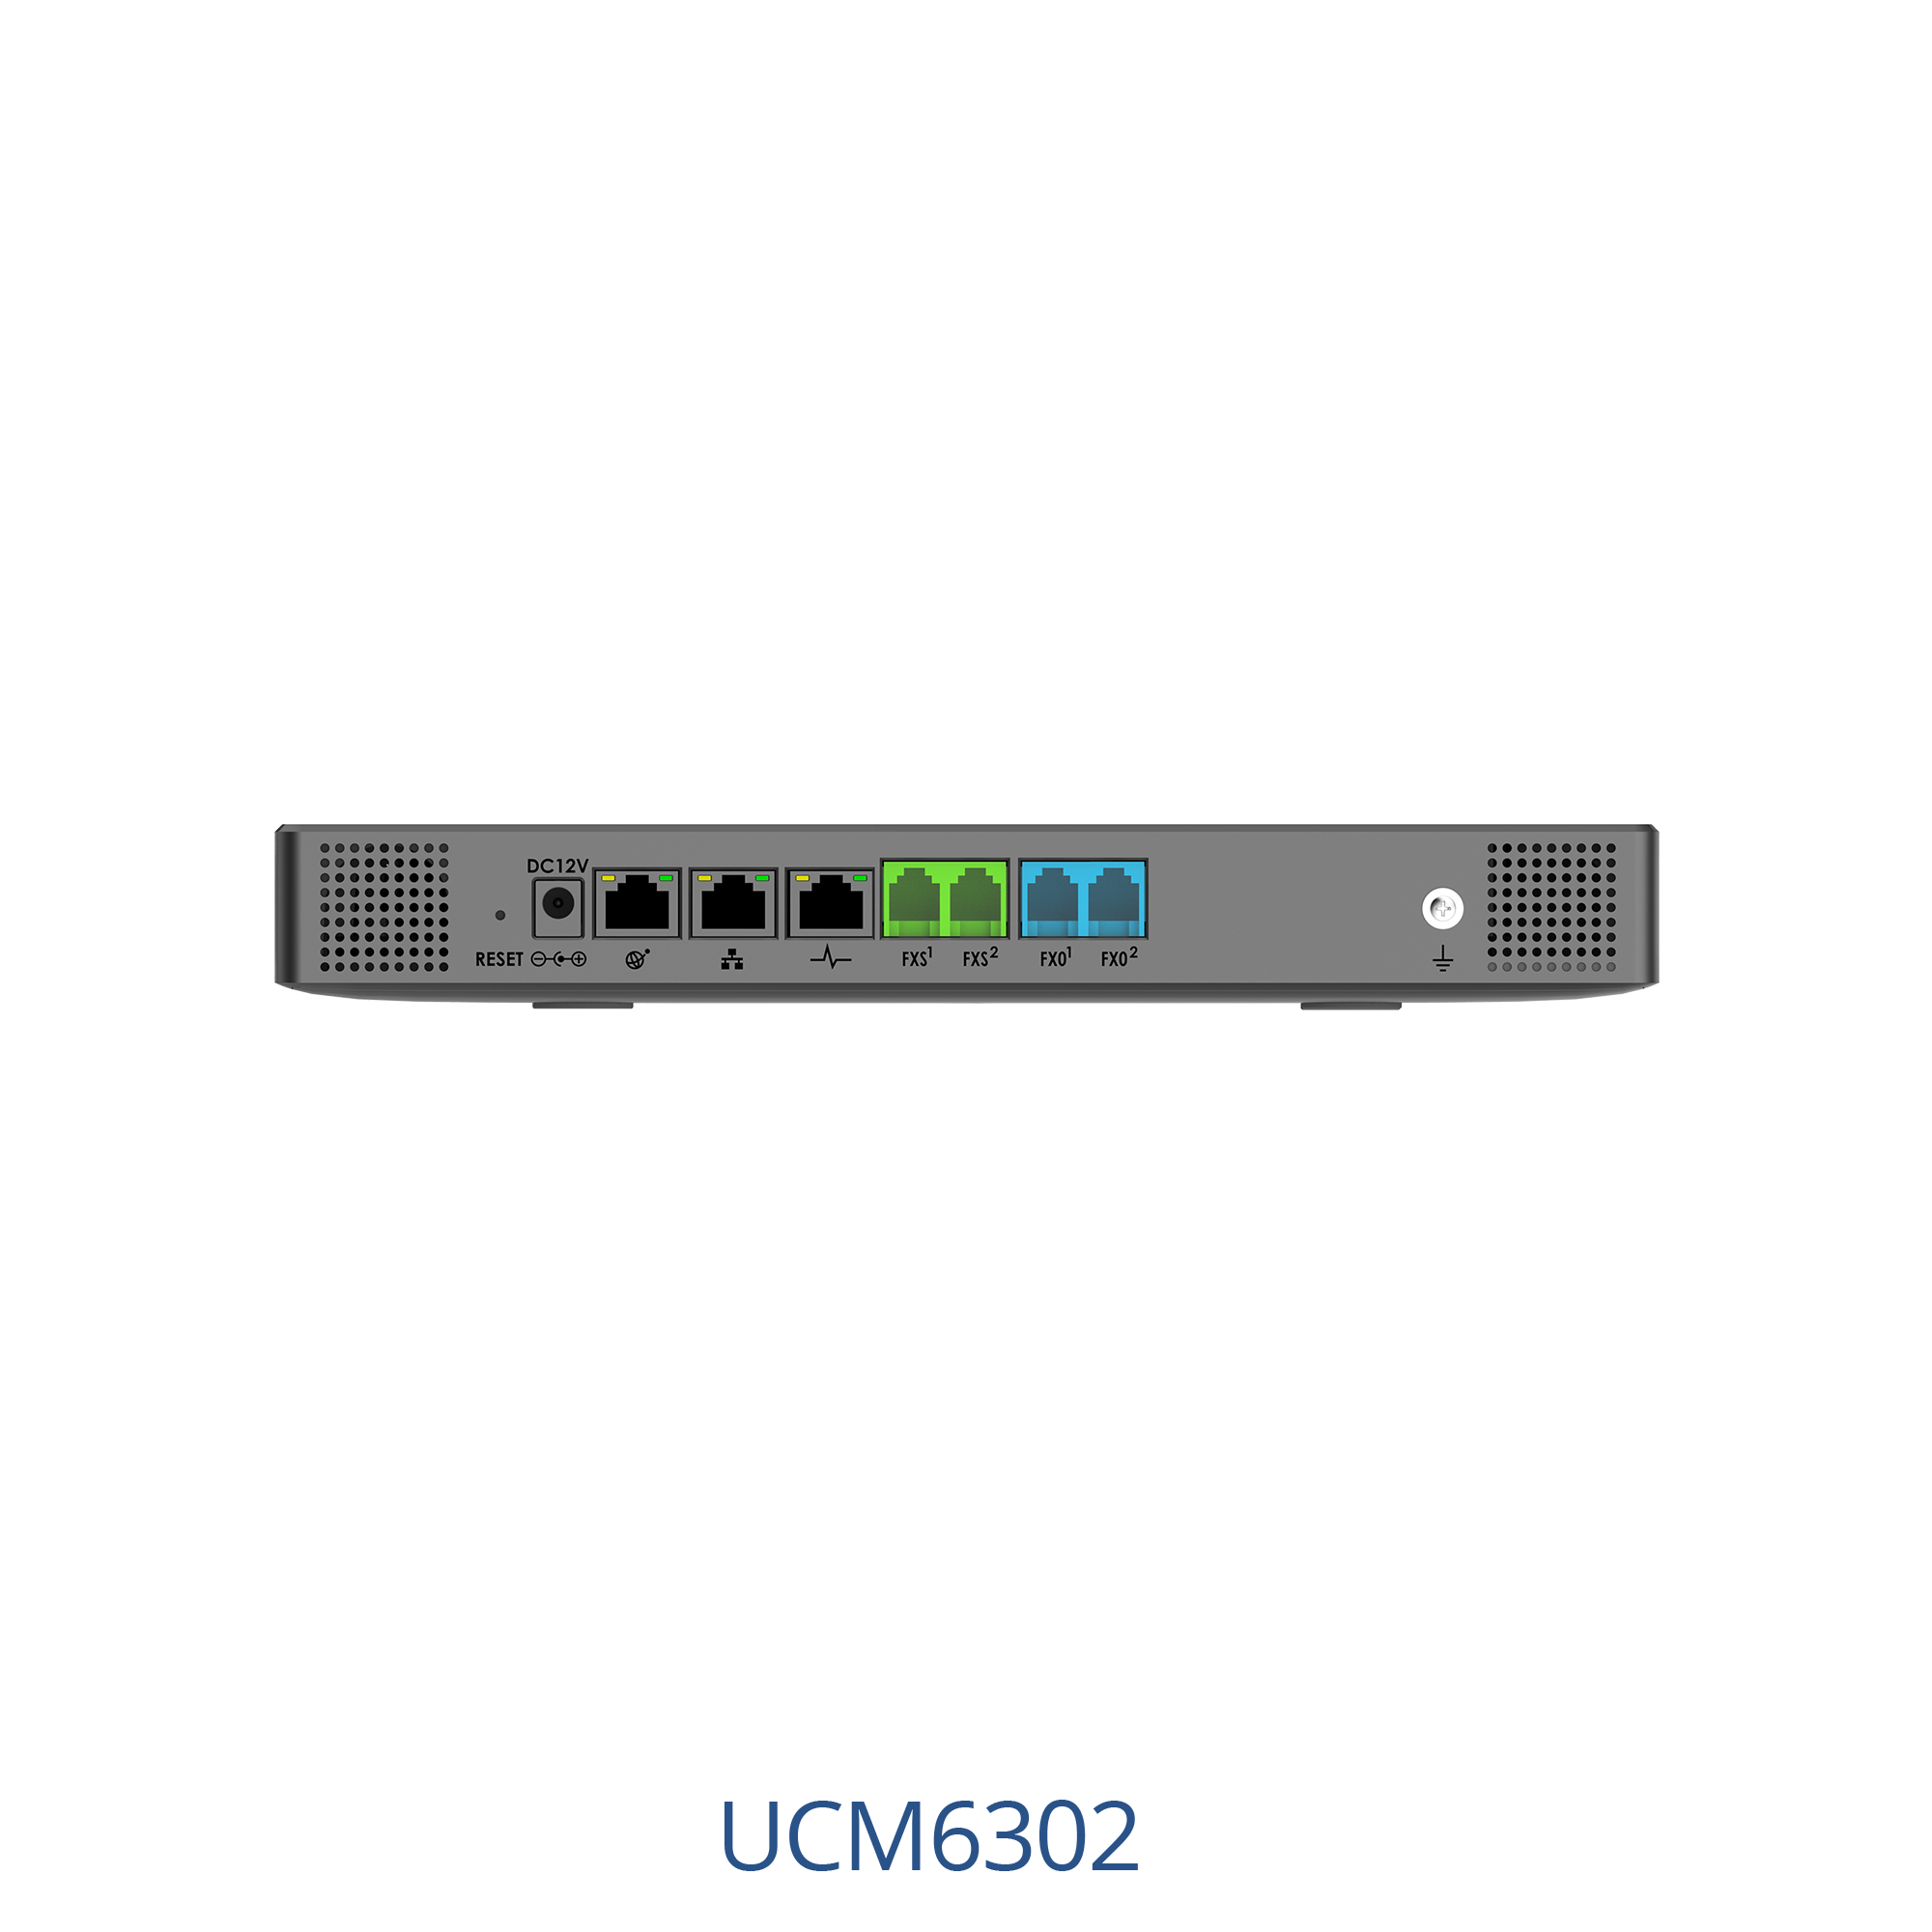 UCM6302_back